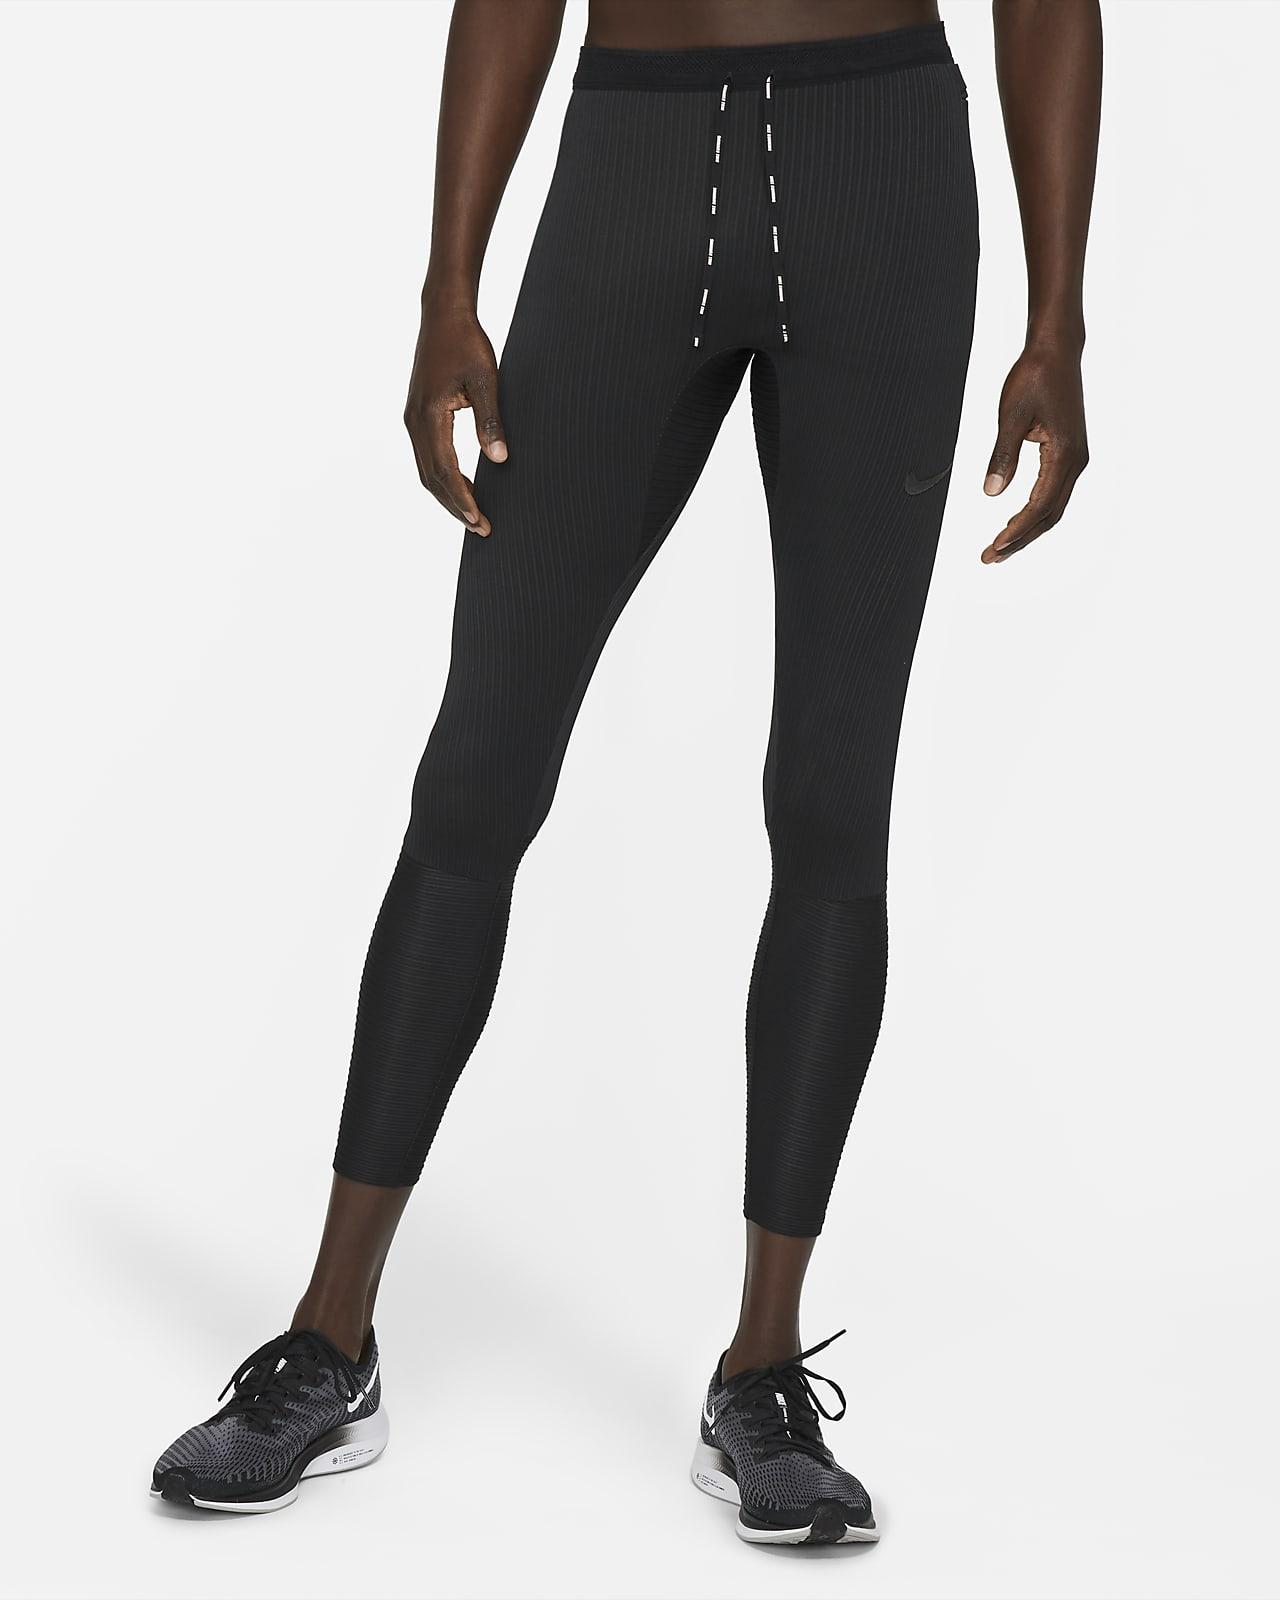 Pánské běžecké legíny Nike Dri-FIT Swift